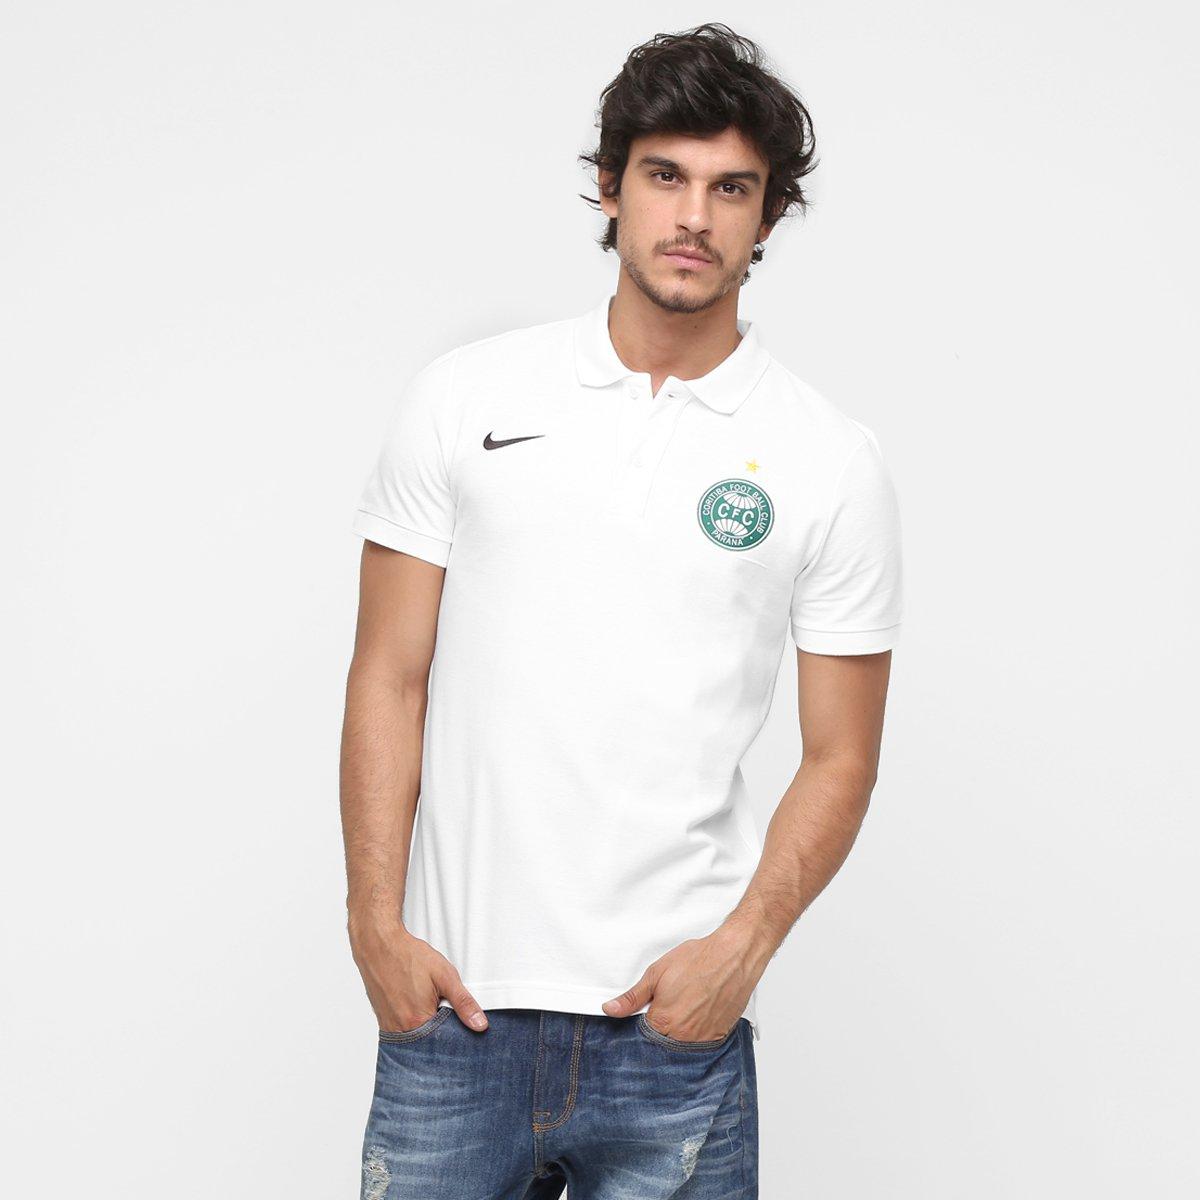 b5cc474e42 Camisa Polo Nike Coritiba Comissão Técnica Viagem 12 13 - Compre Agora